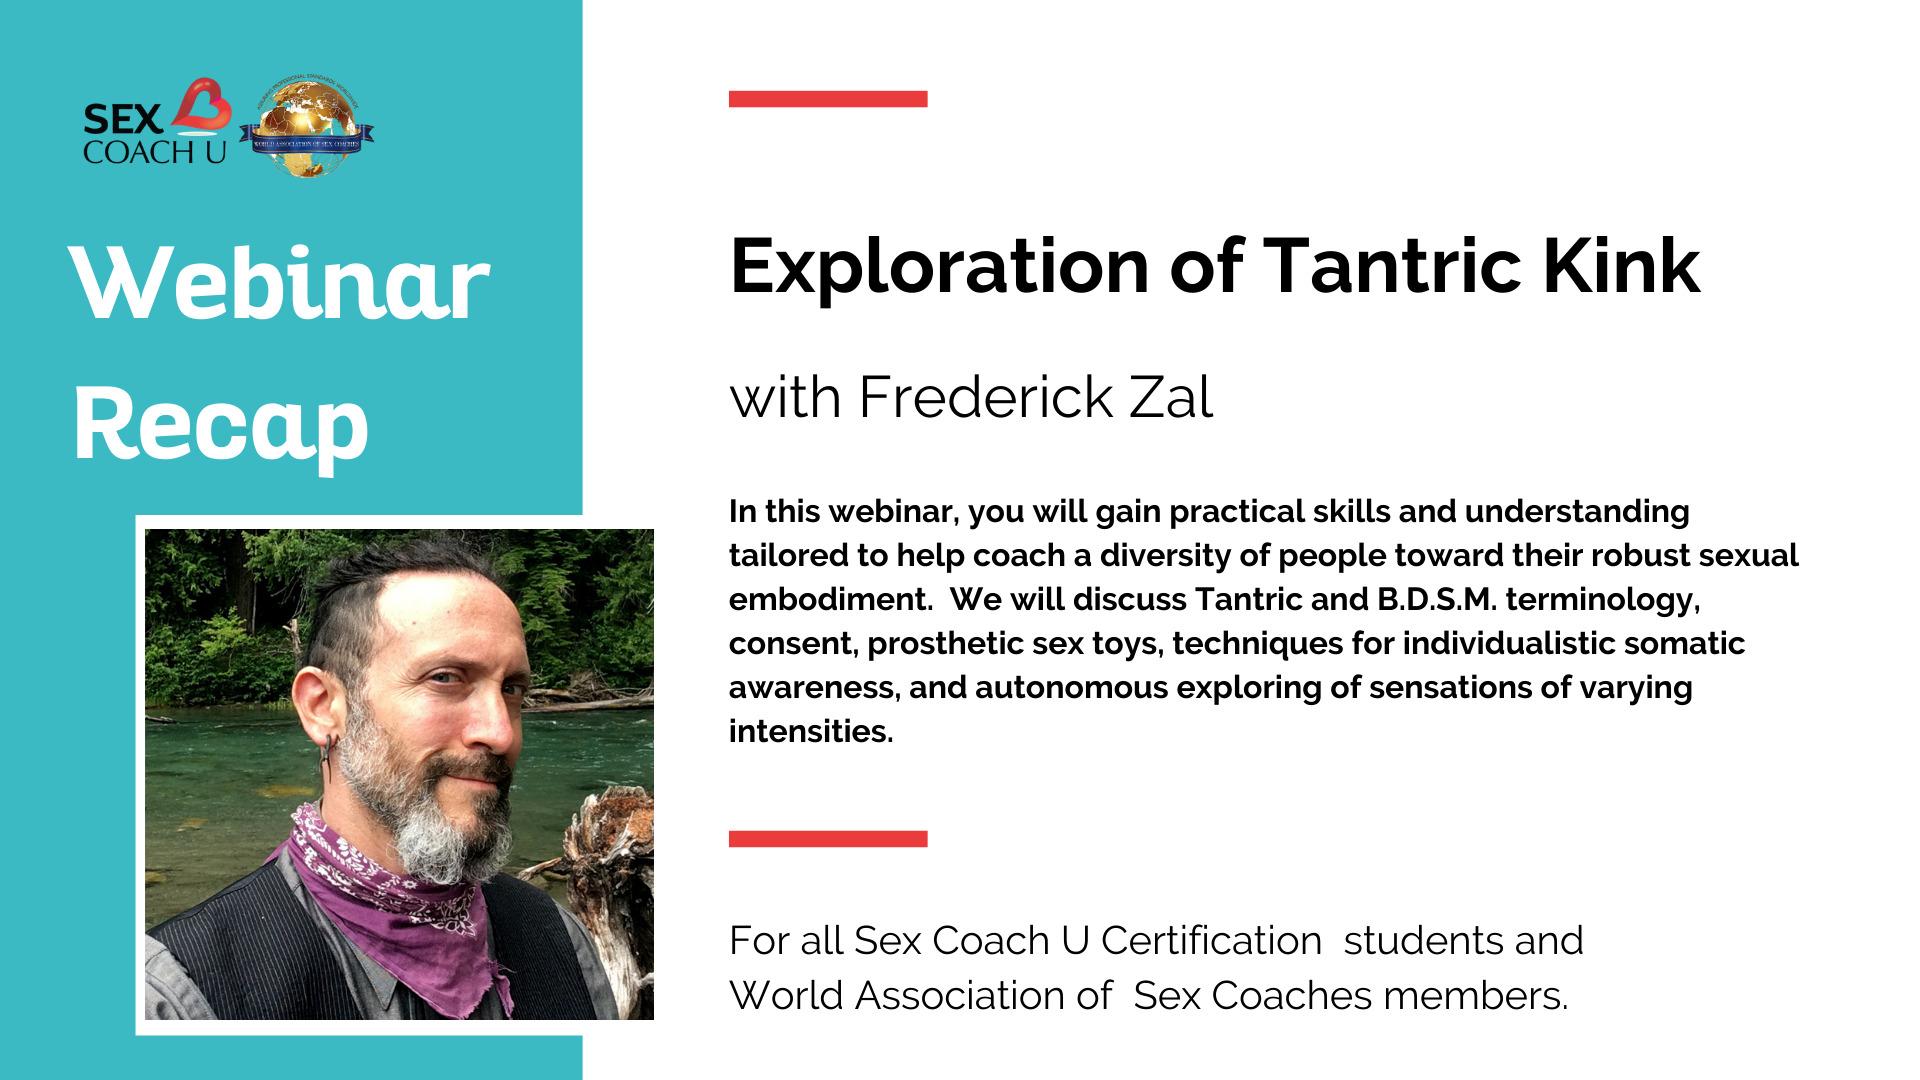 a graphic describing the tantric kink webinar